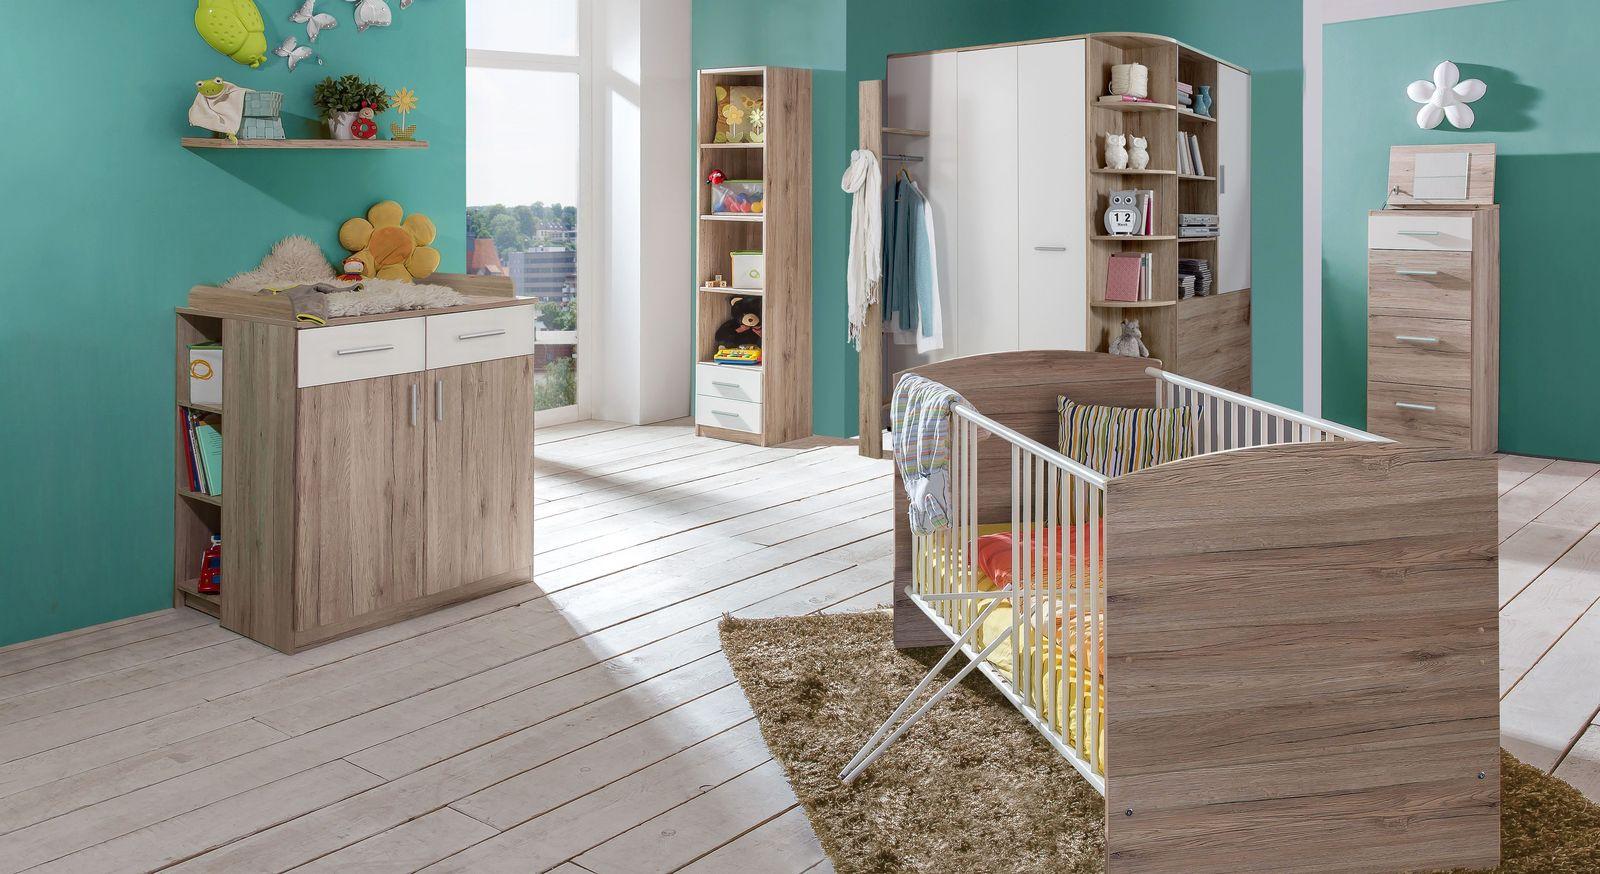 Babyzimmer Zagra mit preiswerten Möbeln